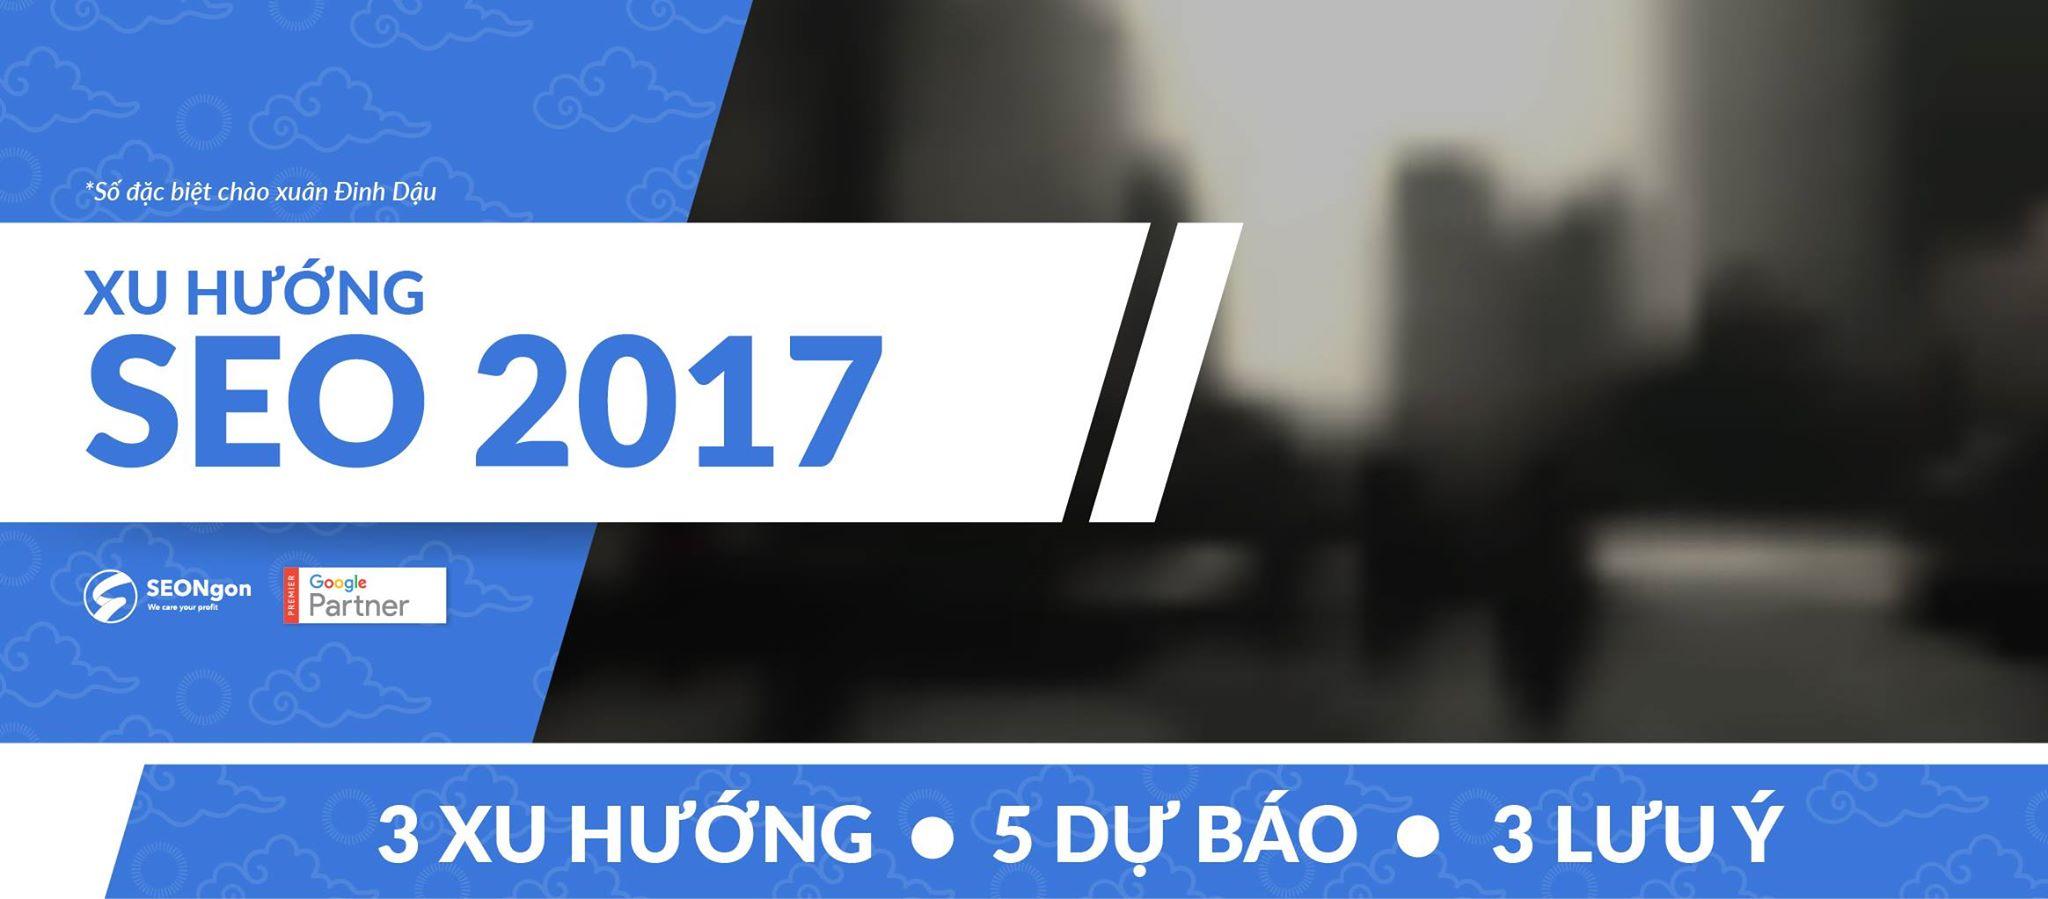 Xu huong SEO 2017